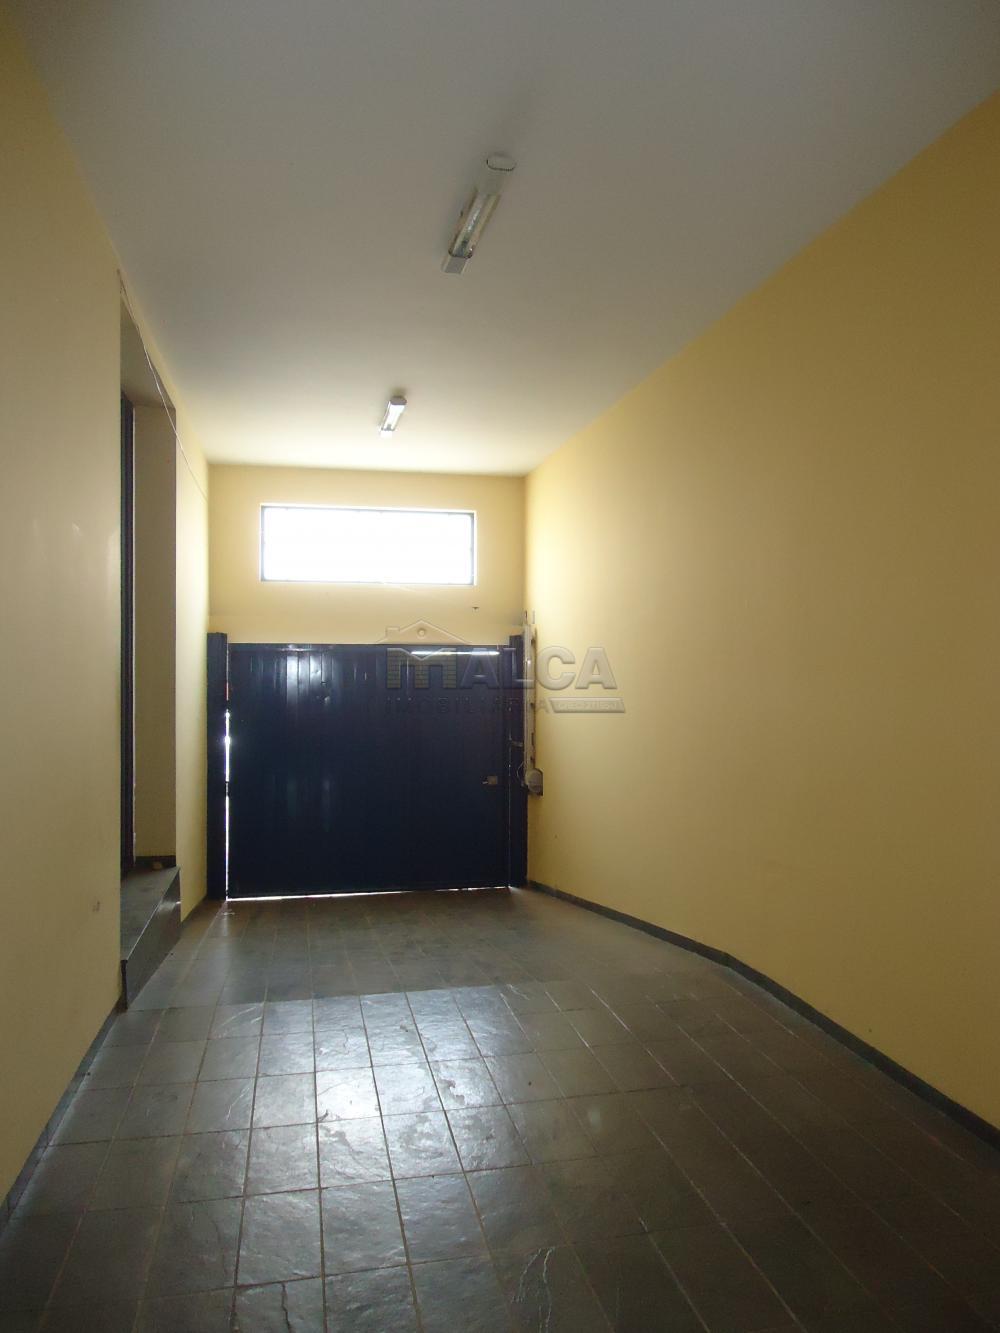 Alugar Casas / Sobrado em São José do Rio Pardo apenas R$ 2.000,00 - Foto 3